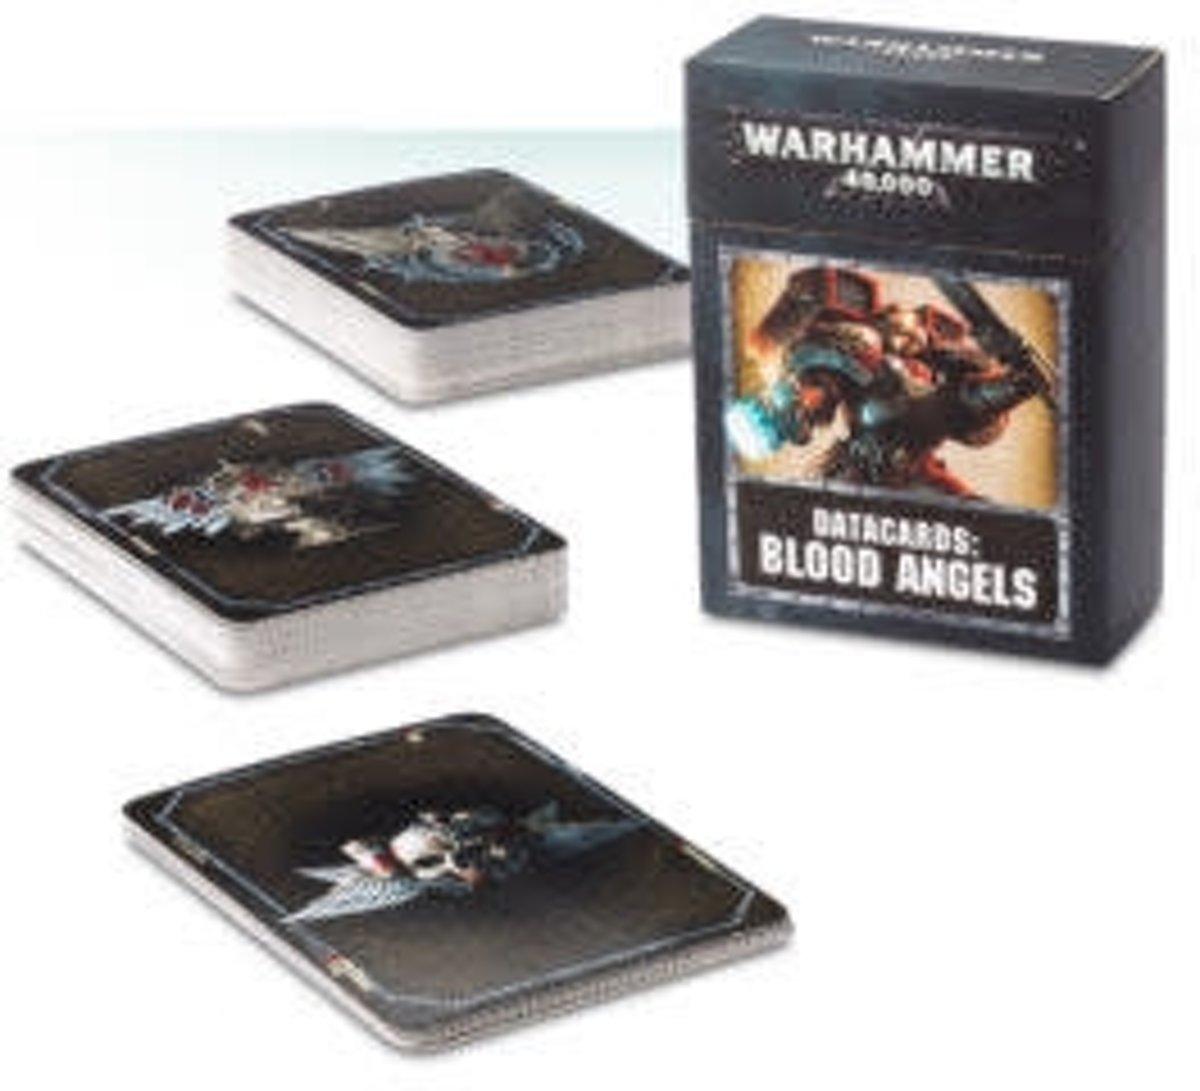 Warhammer 40,000 8th Edition Datacards Imperium: Adeptus Astartes Blood Angels